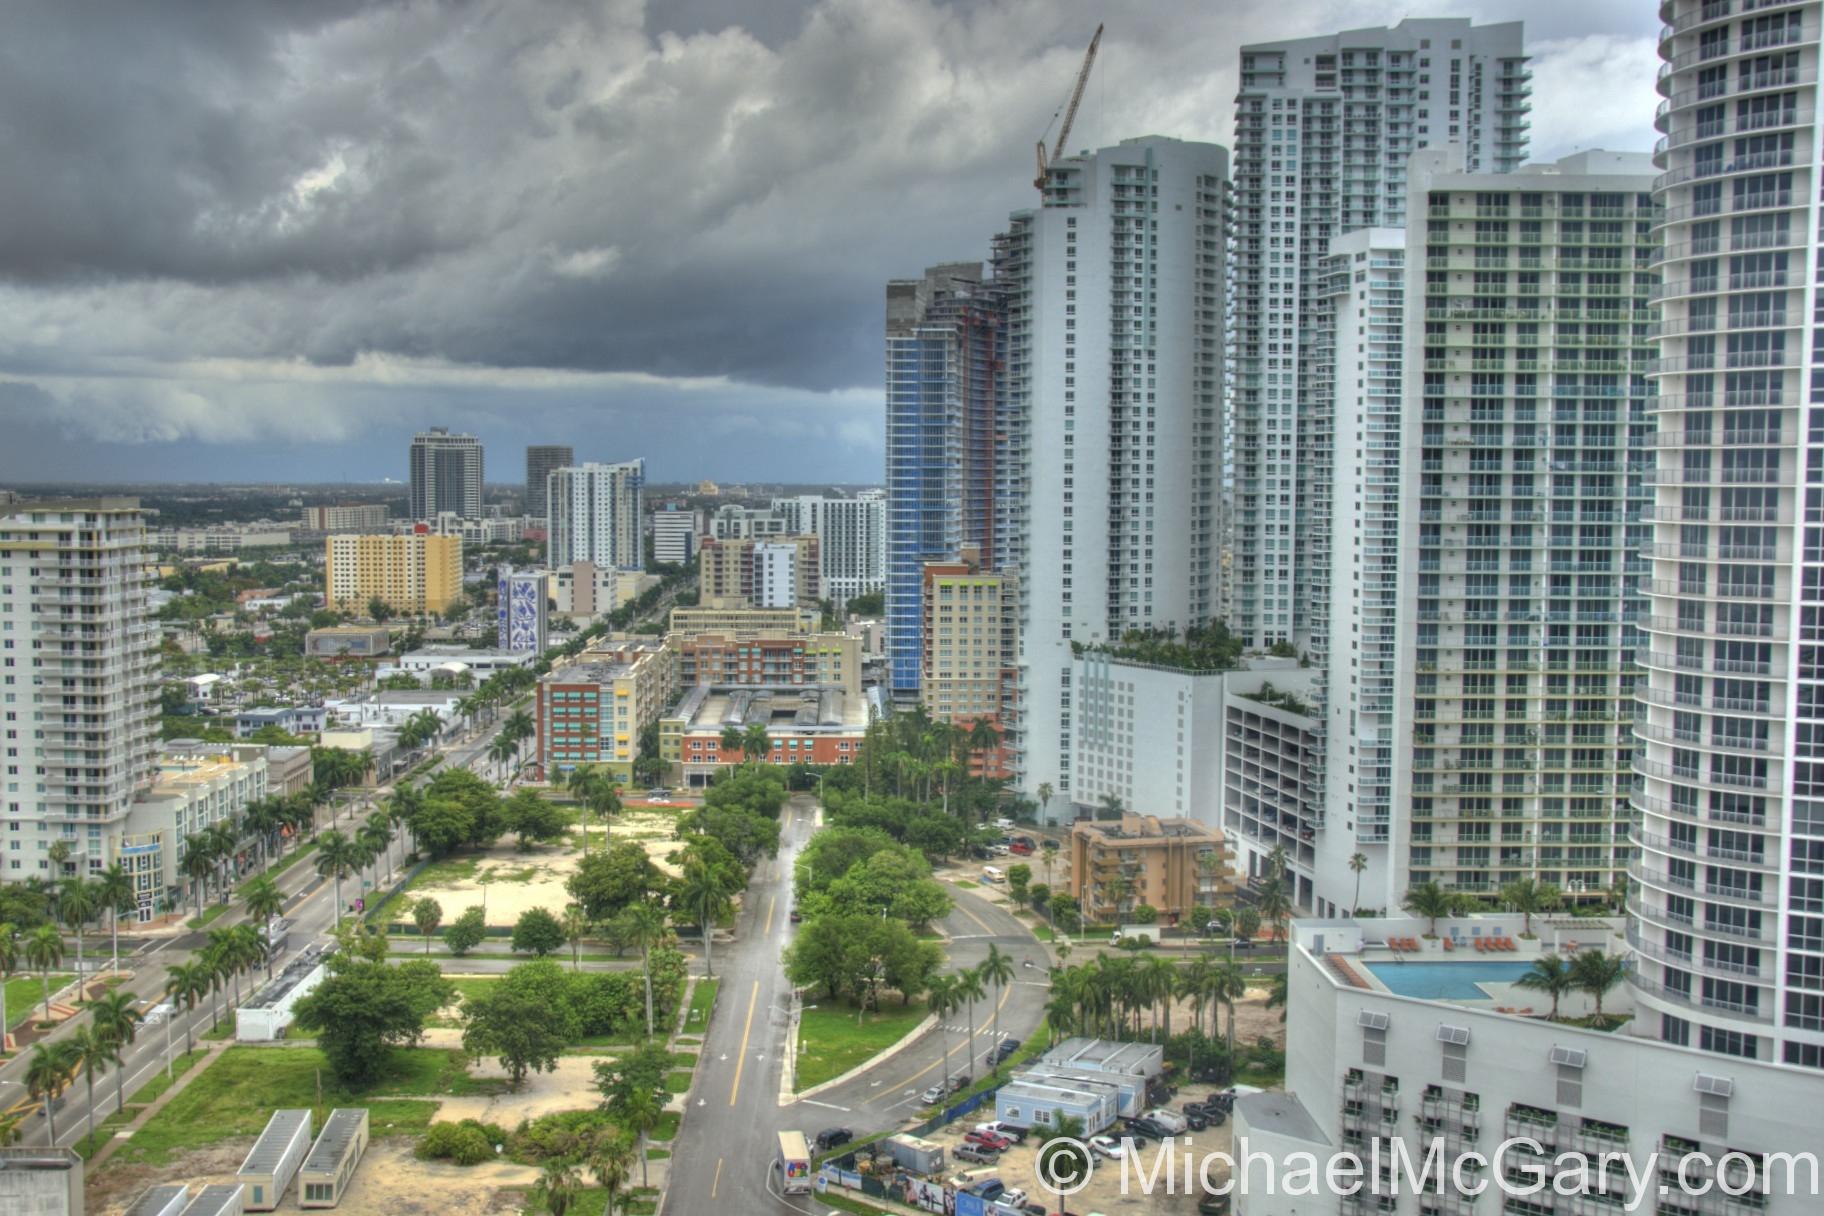 Miami Storms